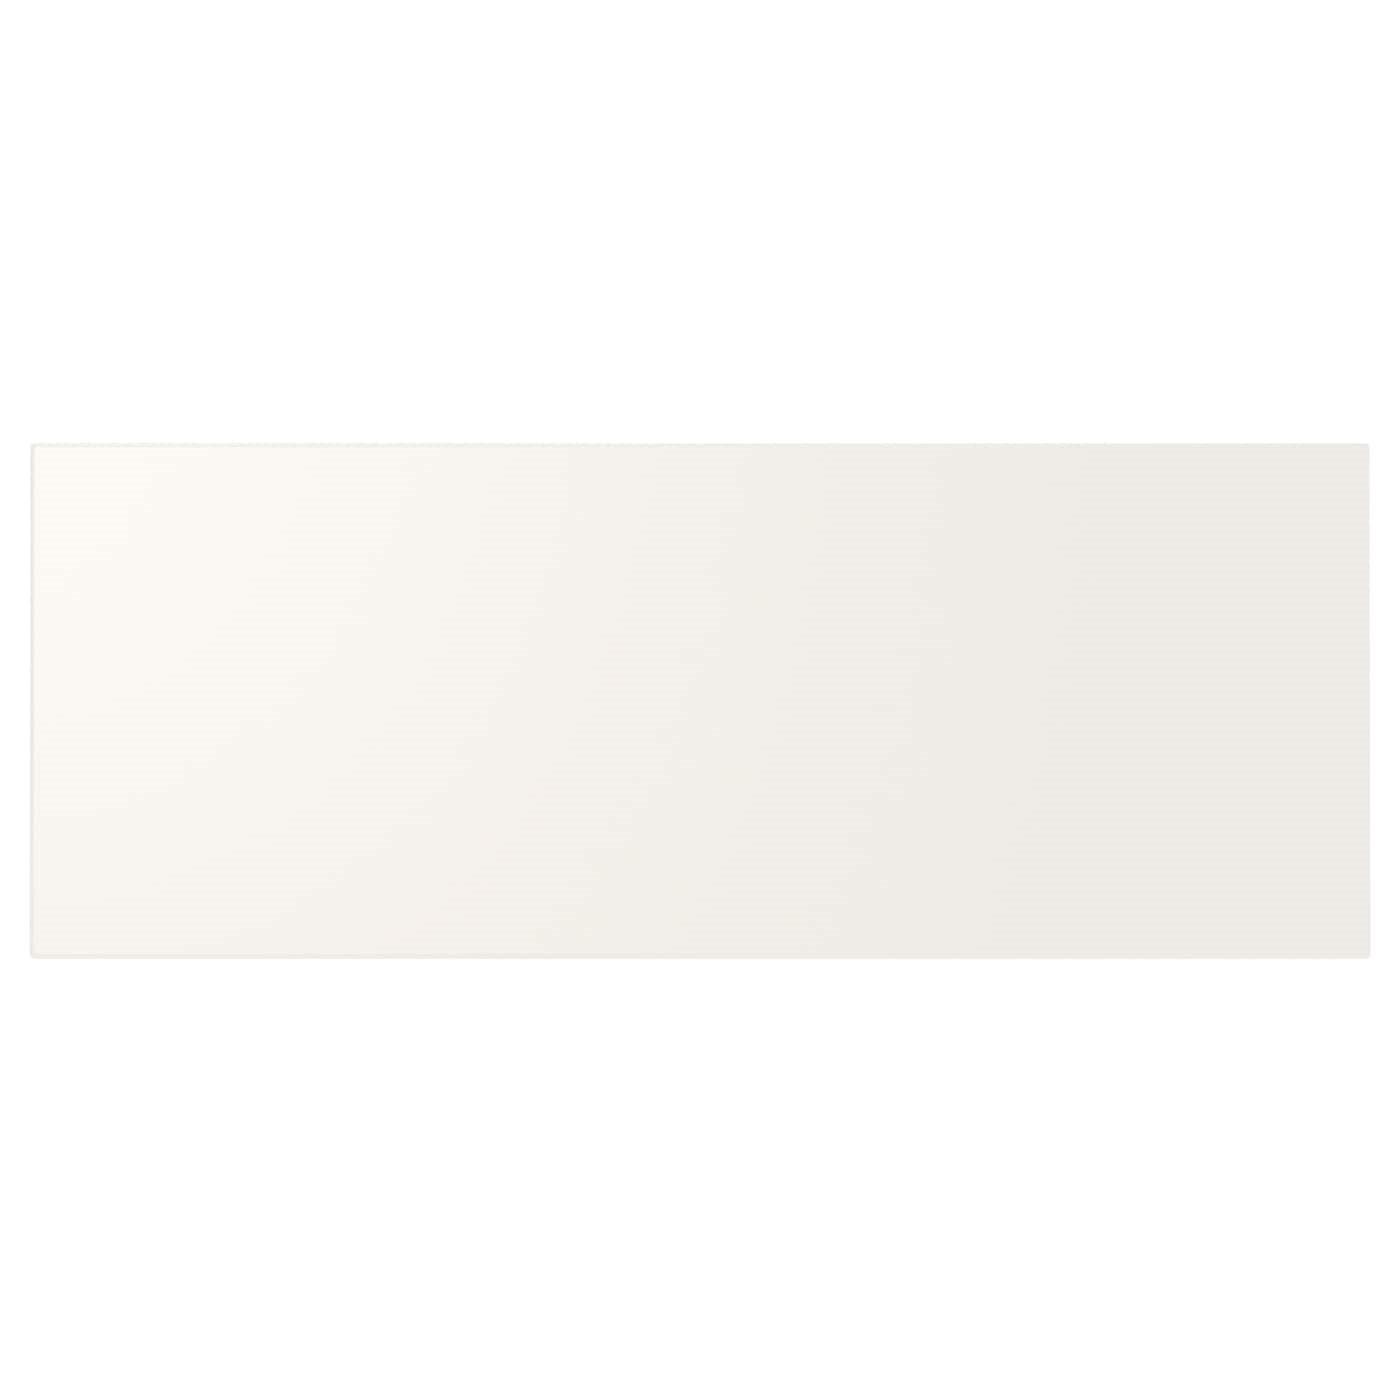 IKEA UTRUSTA фронтальная панель ящика, высокая белый 55.5x21.4 см 50204655